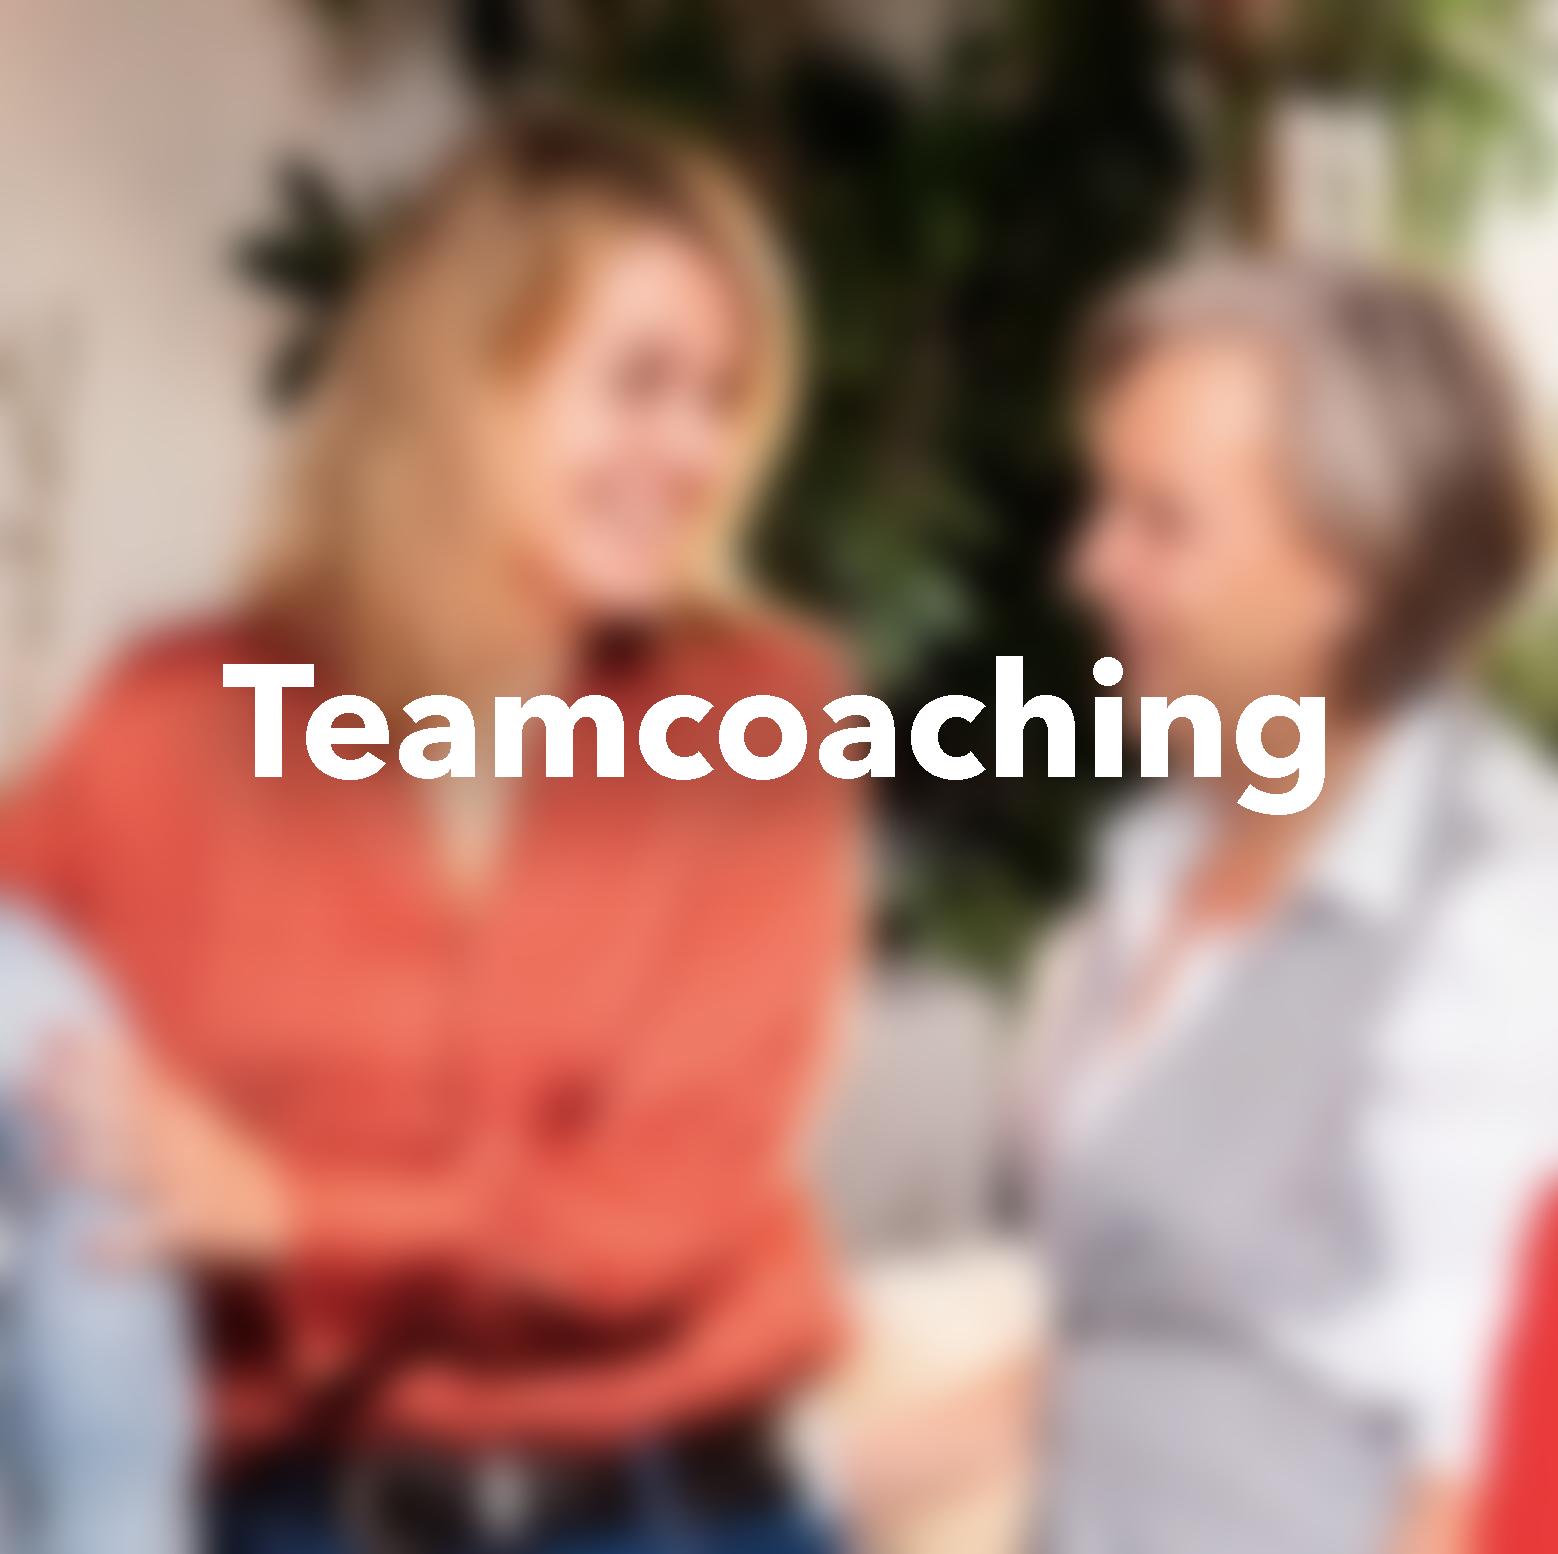 teamcoaching-1